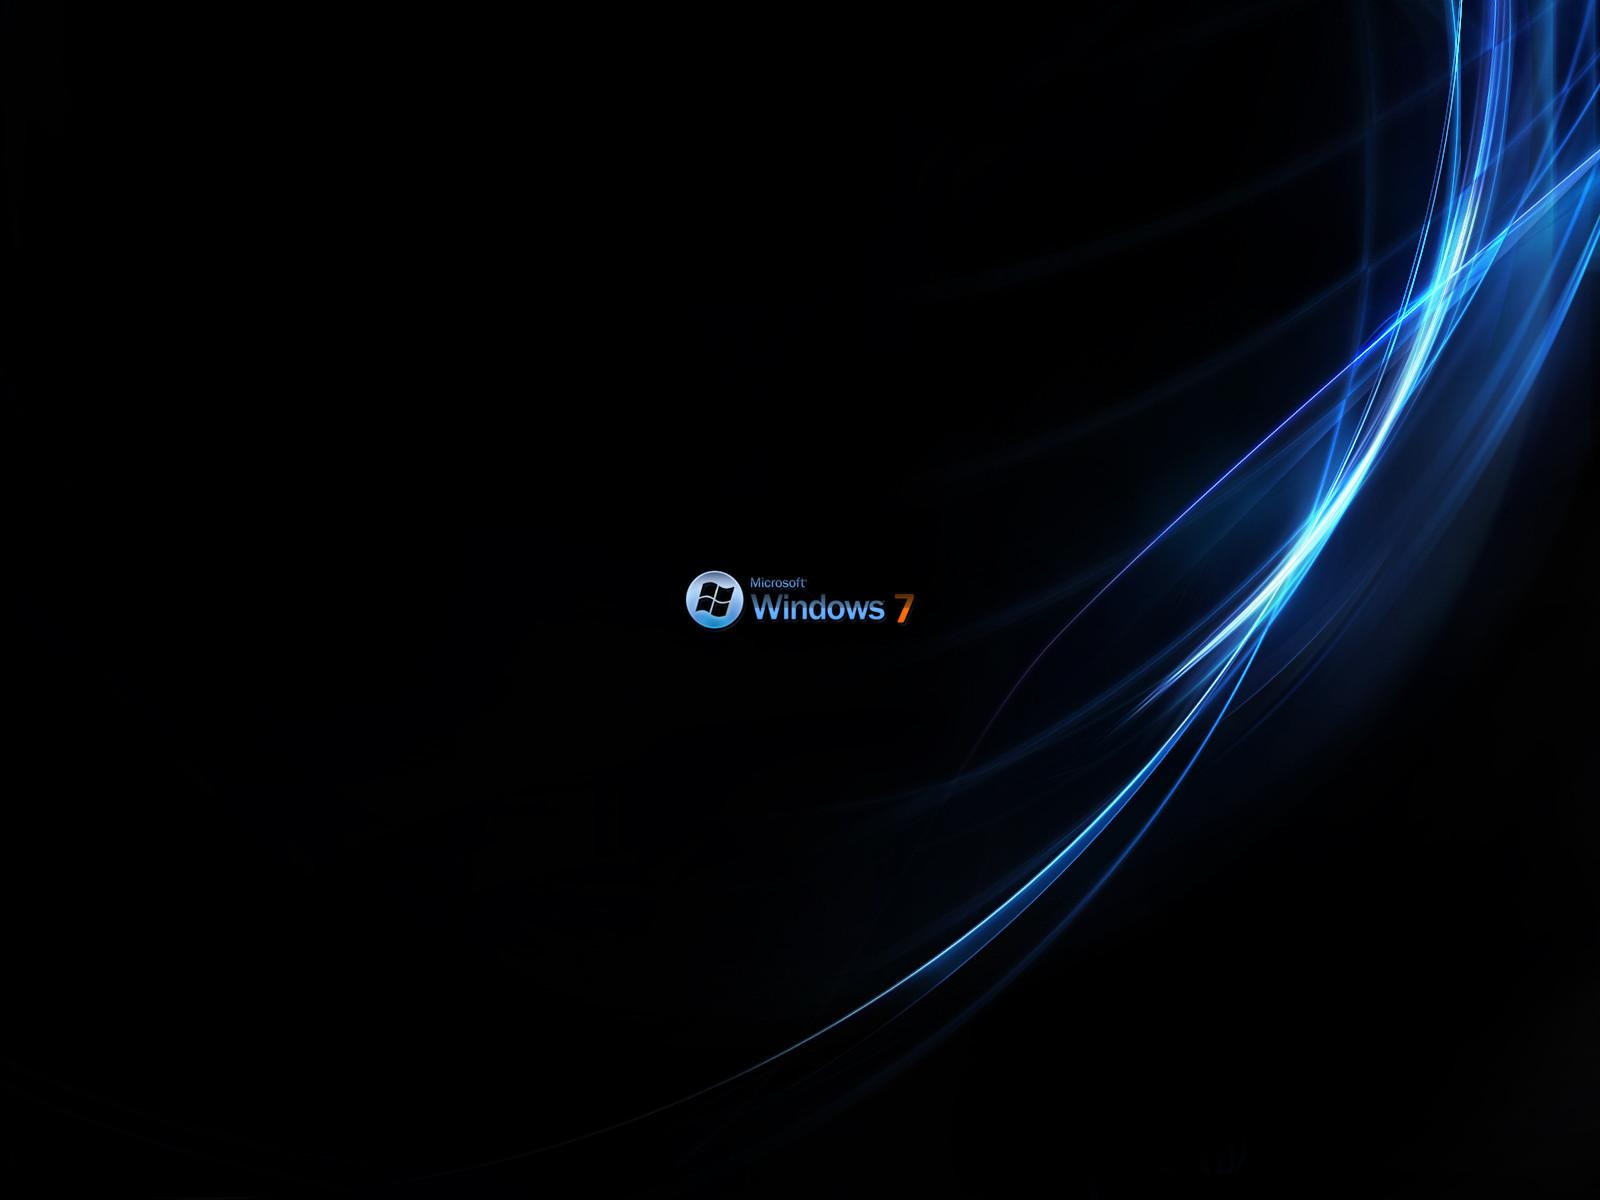 http://4.bp.blogspot.com/_yZcK2igoTw0/TAIsu2Ng2uI/AAAAAAAAADc/FmwdcB4VAmk/s1600/windows-7-2.jpg